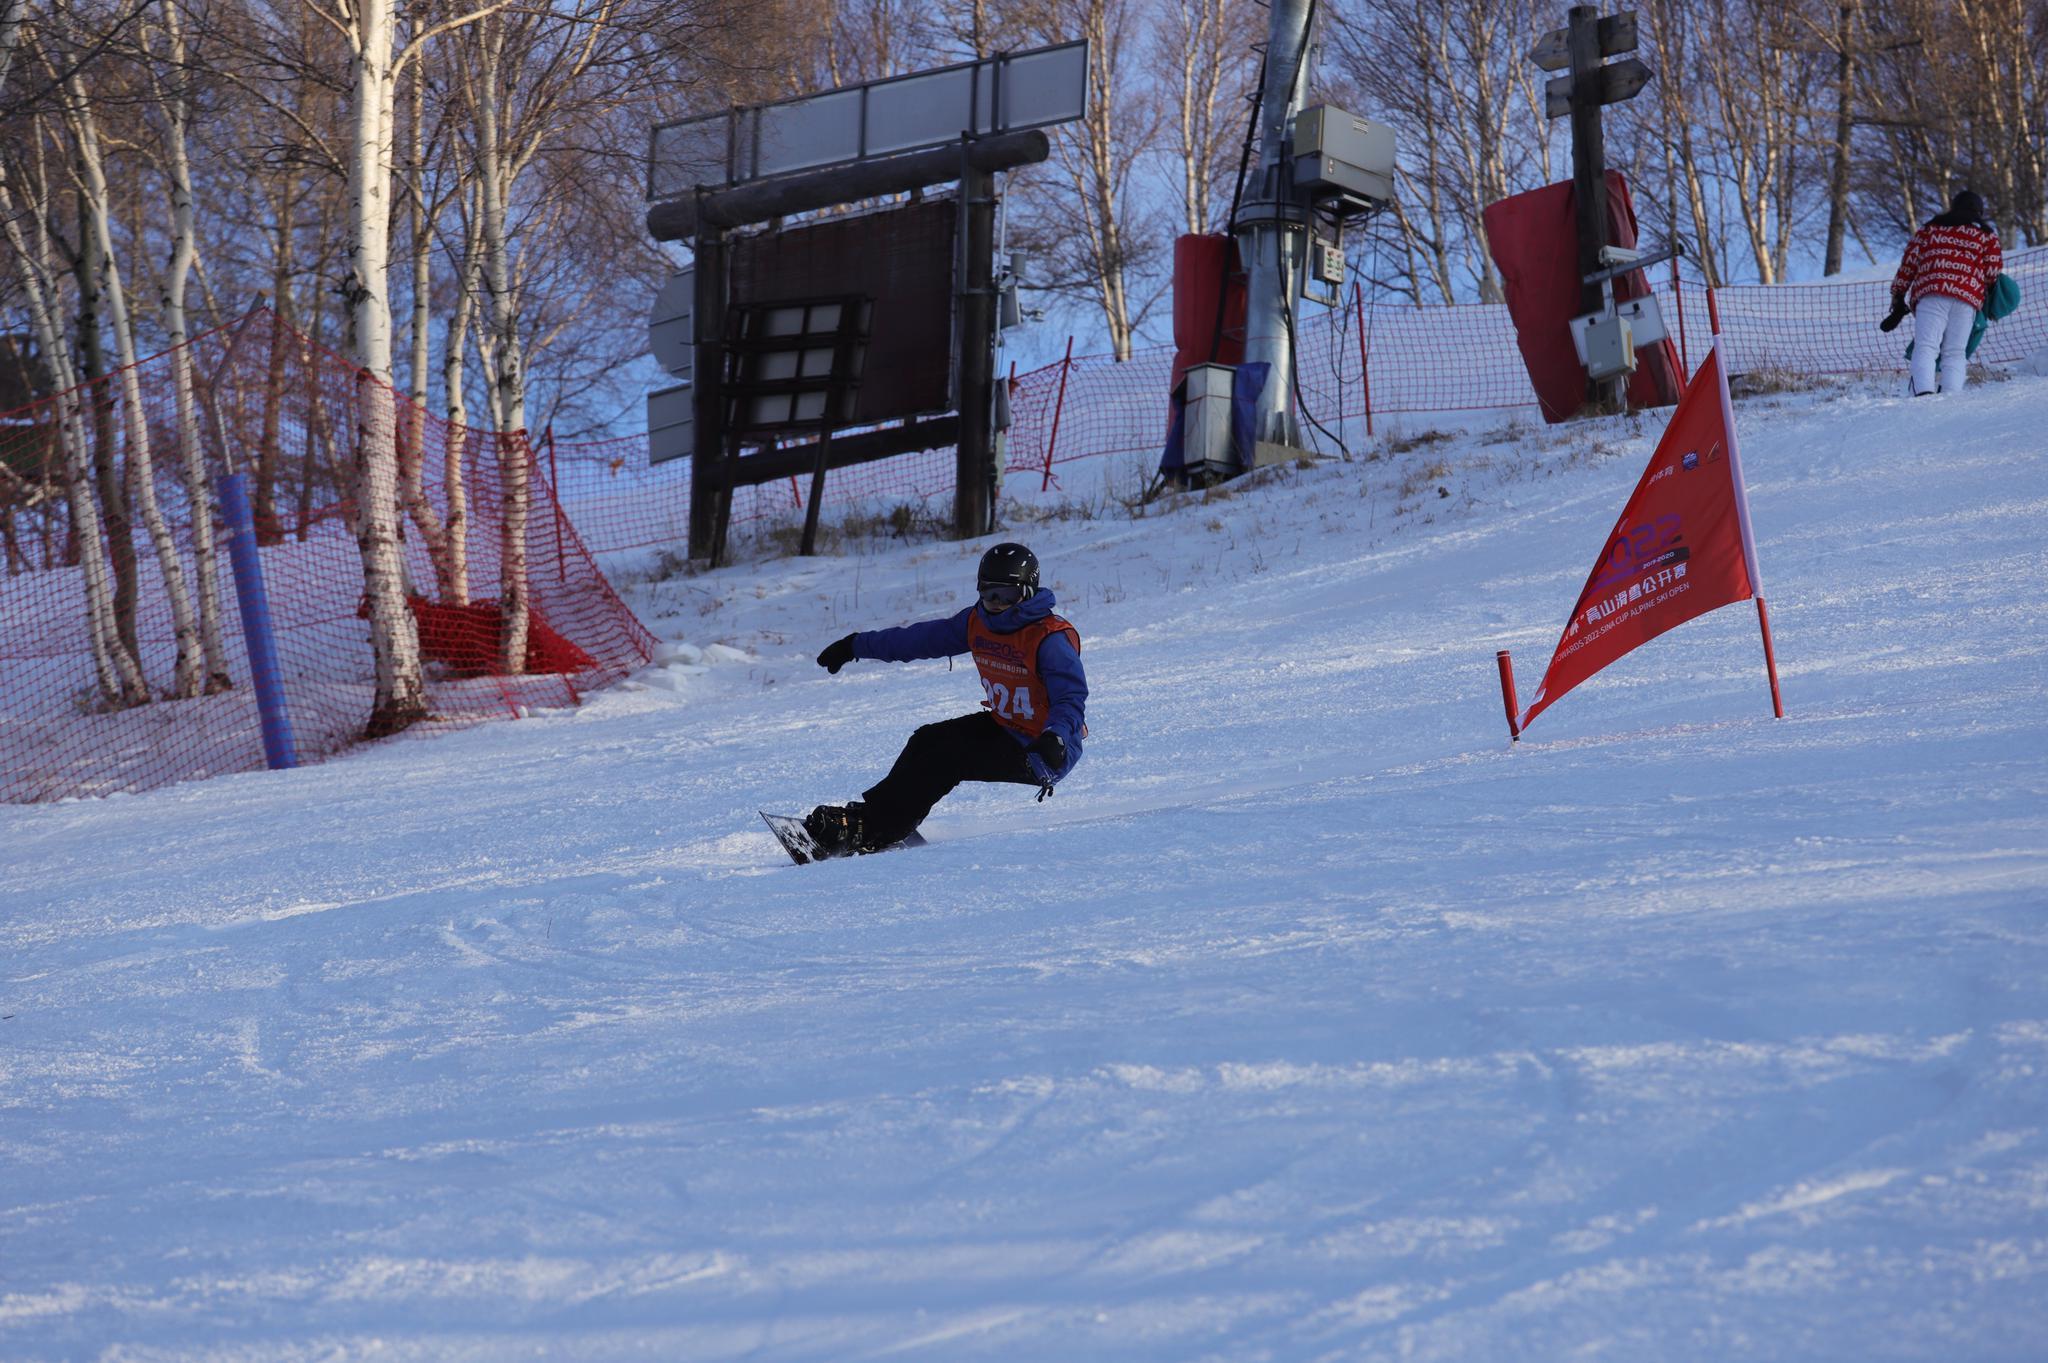 雪战万龙!新浪杯高山滑雪公开赛万龙站单板精彩瞬间